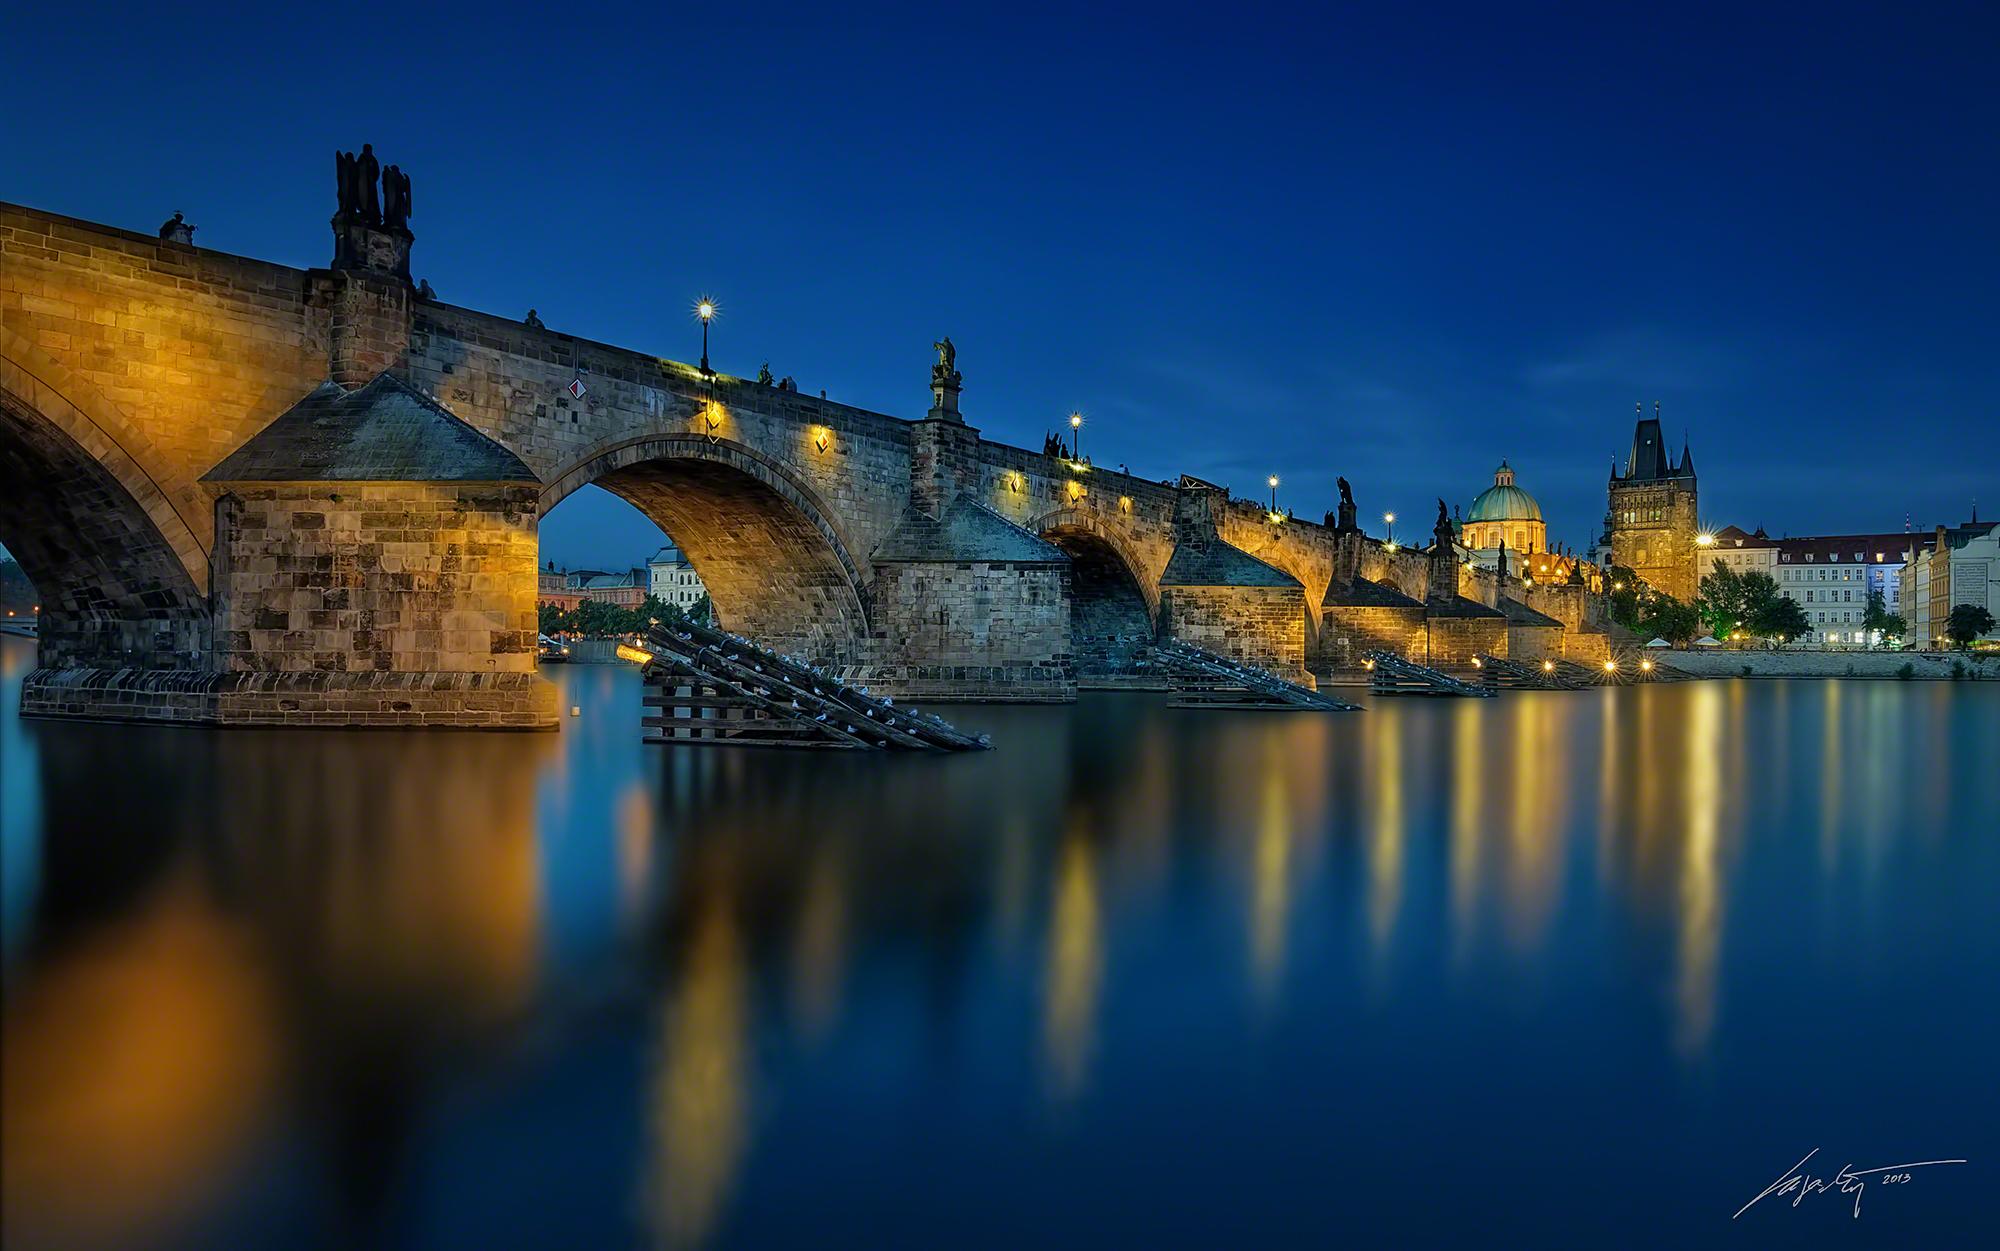 Marek Kijevský: Asi moje nejoblíbenější fotografie, Úžasné klidná Vltava a nádherný odraz Karlova mostu po západu slunce.